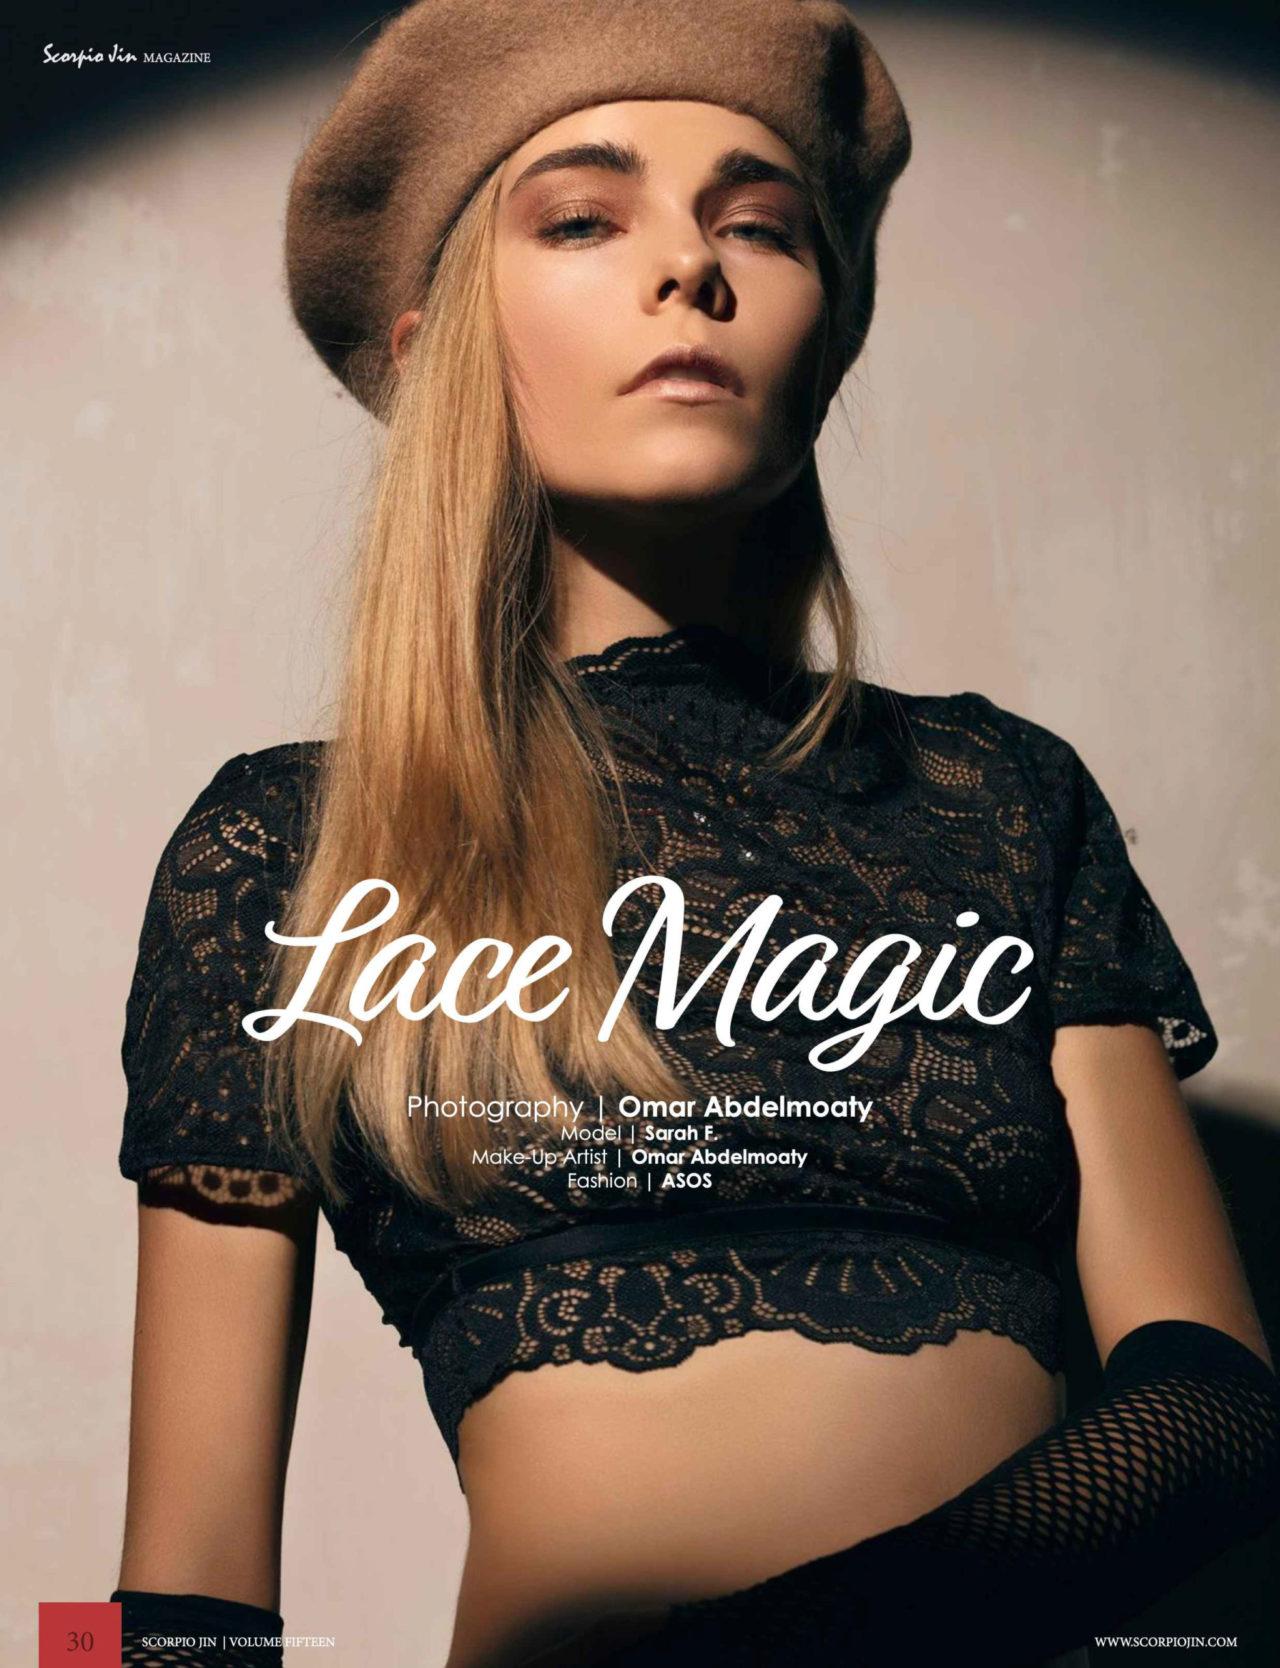 Lace Magic